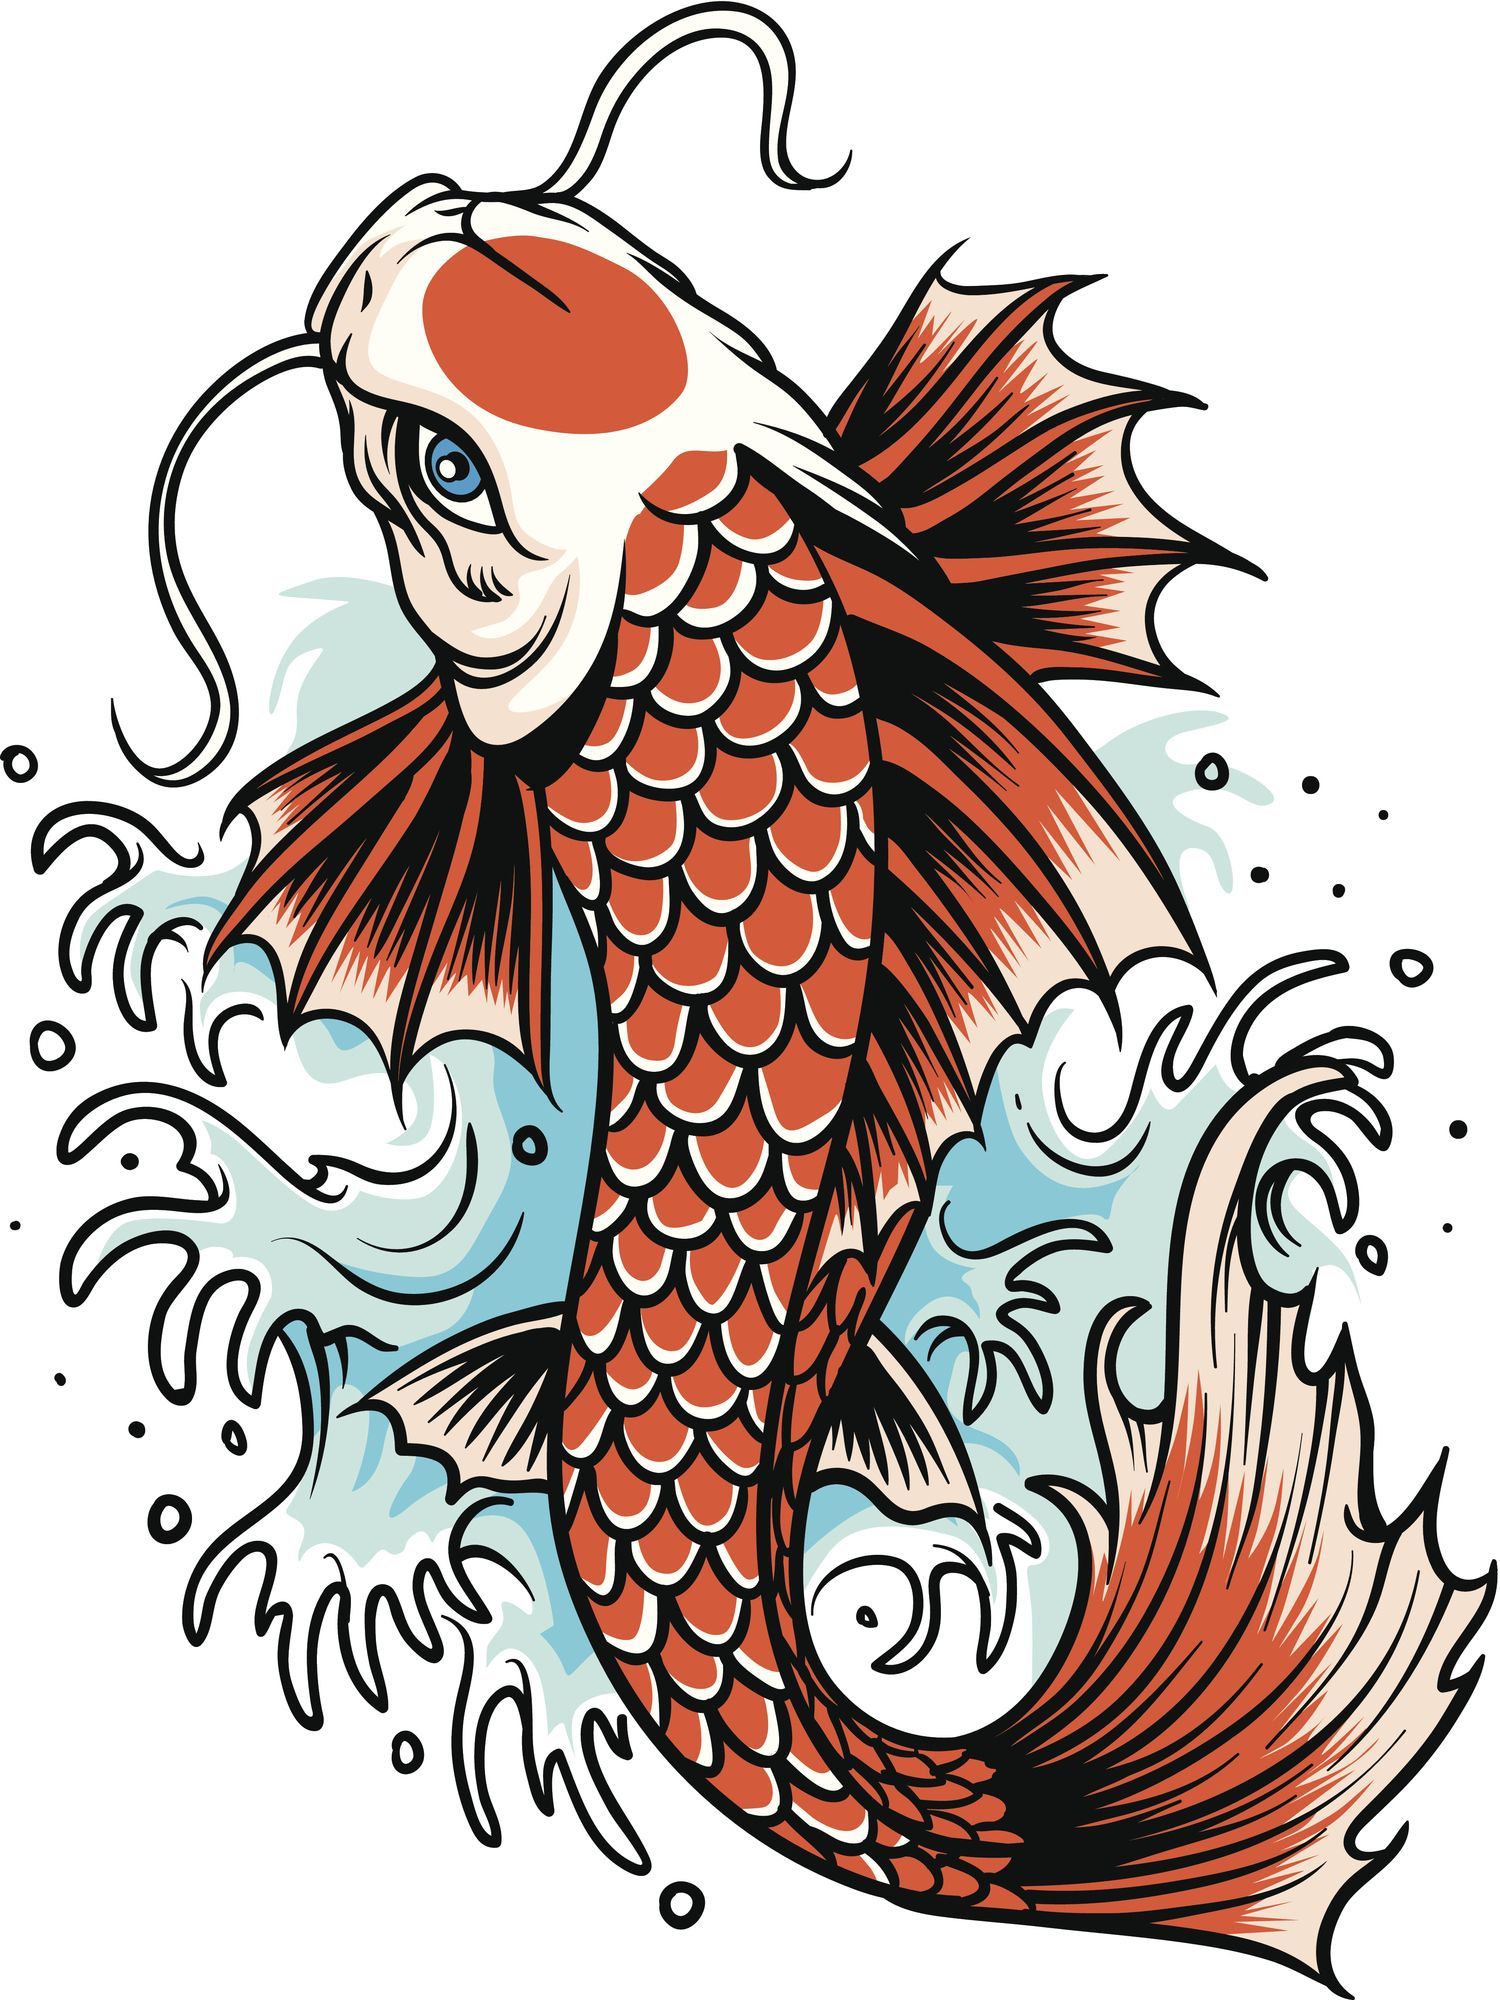 Malvorlagen Fische Karpfen - tiffanylovesbooks